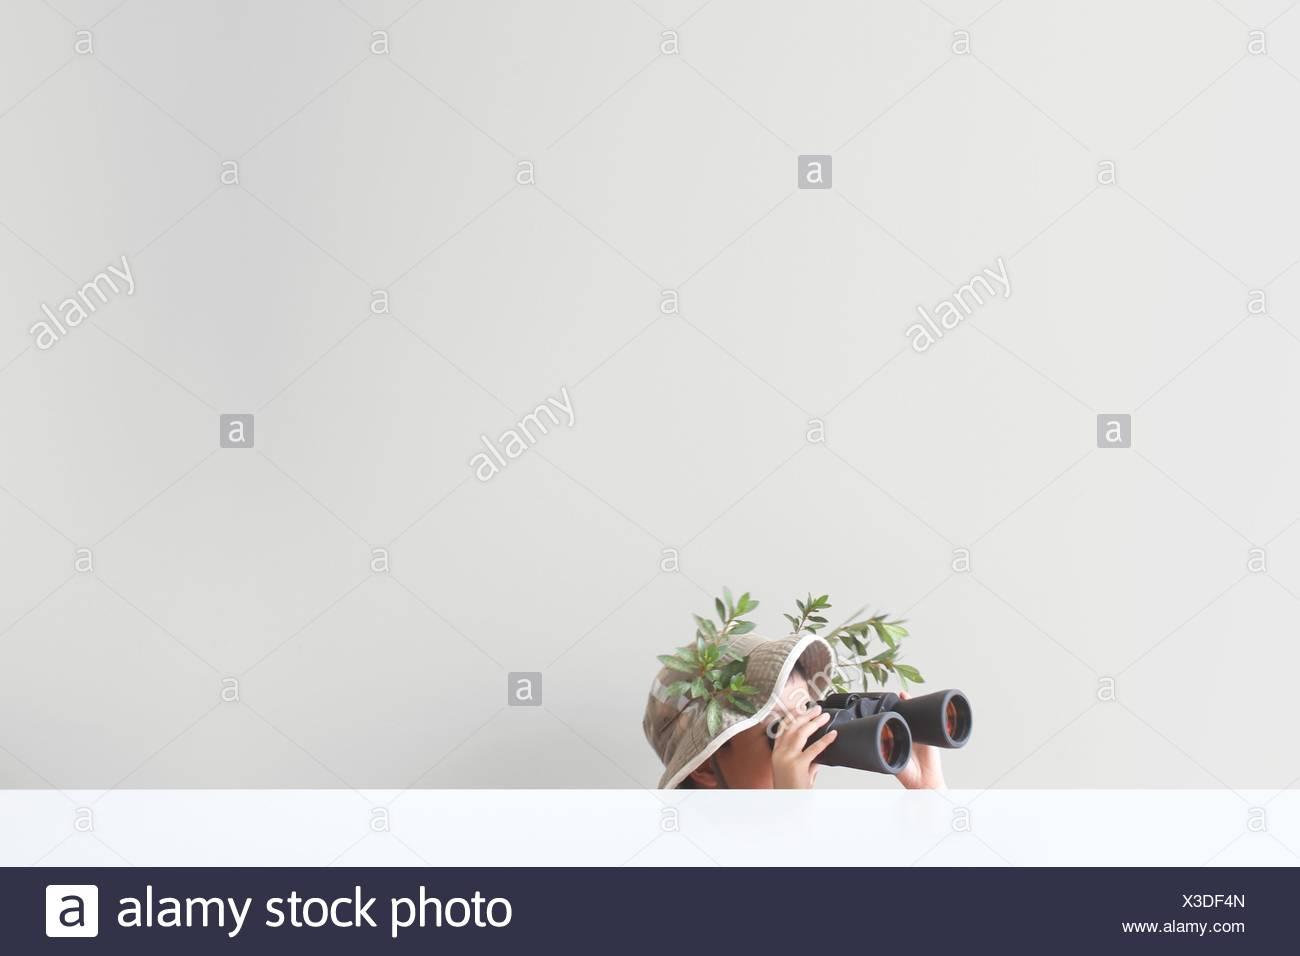 Boy looking through binoculars avec quelques feuilles et branches d'arbre coincé sur son safari hat Photo Stock